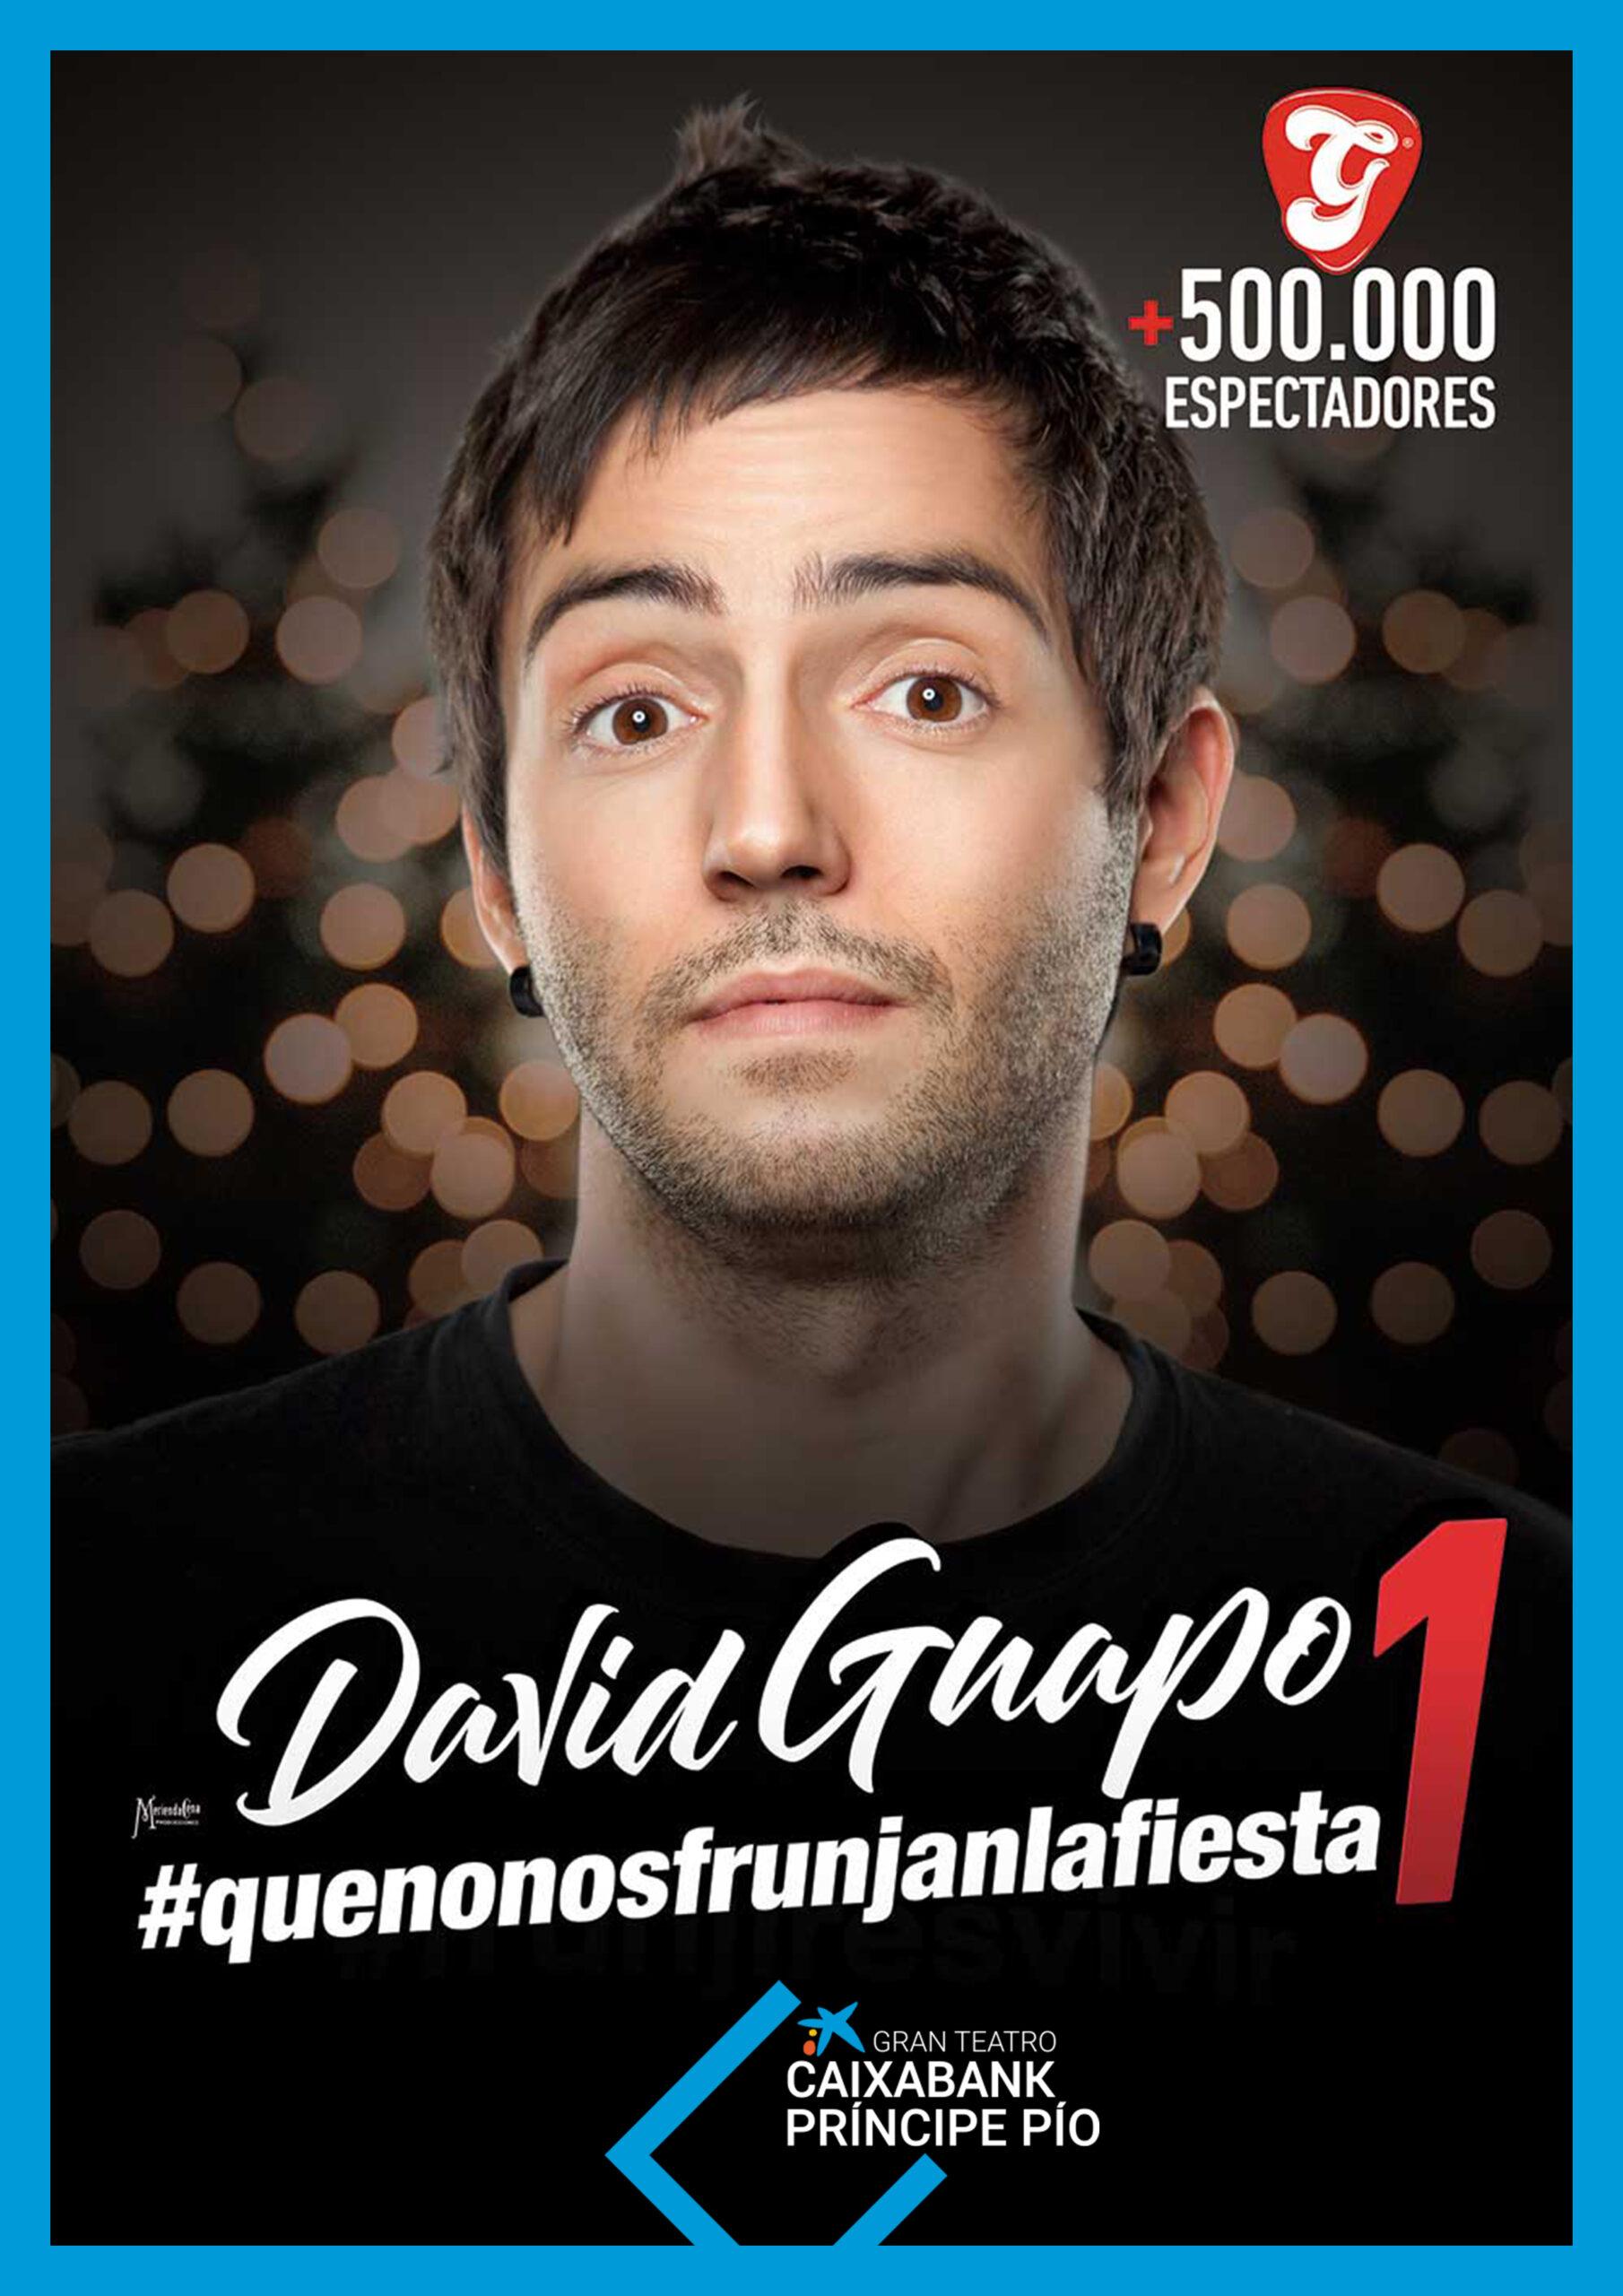 DAVID GUAPO EN LA ESTACIÓN GRAN TEATRO CAIXABANK PRINCIPE PIO